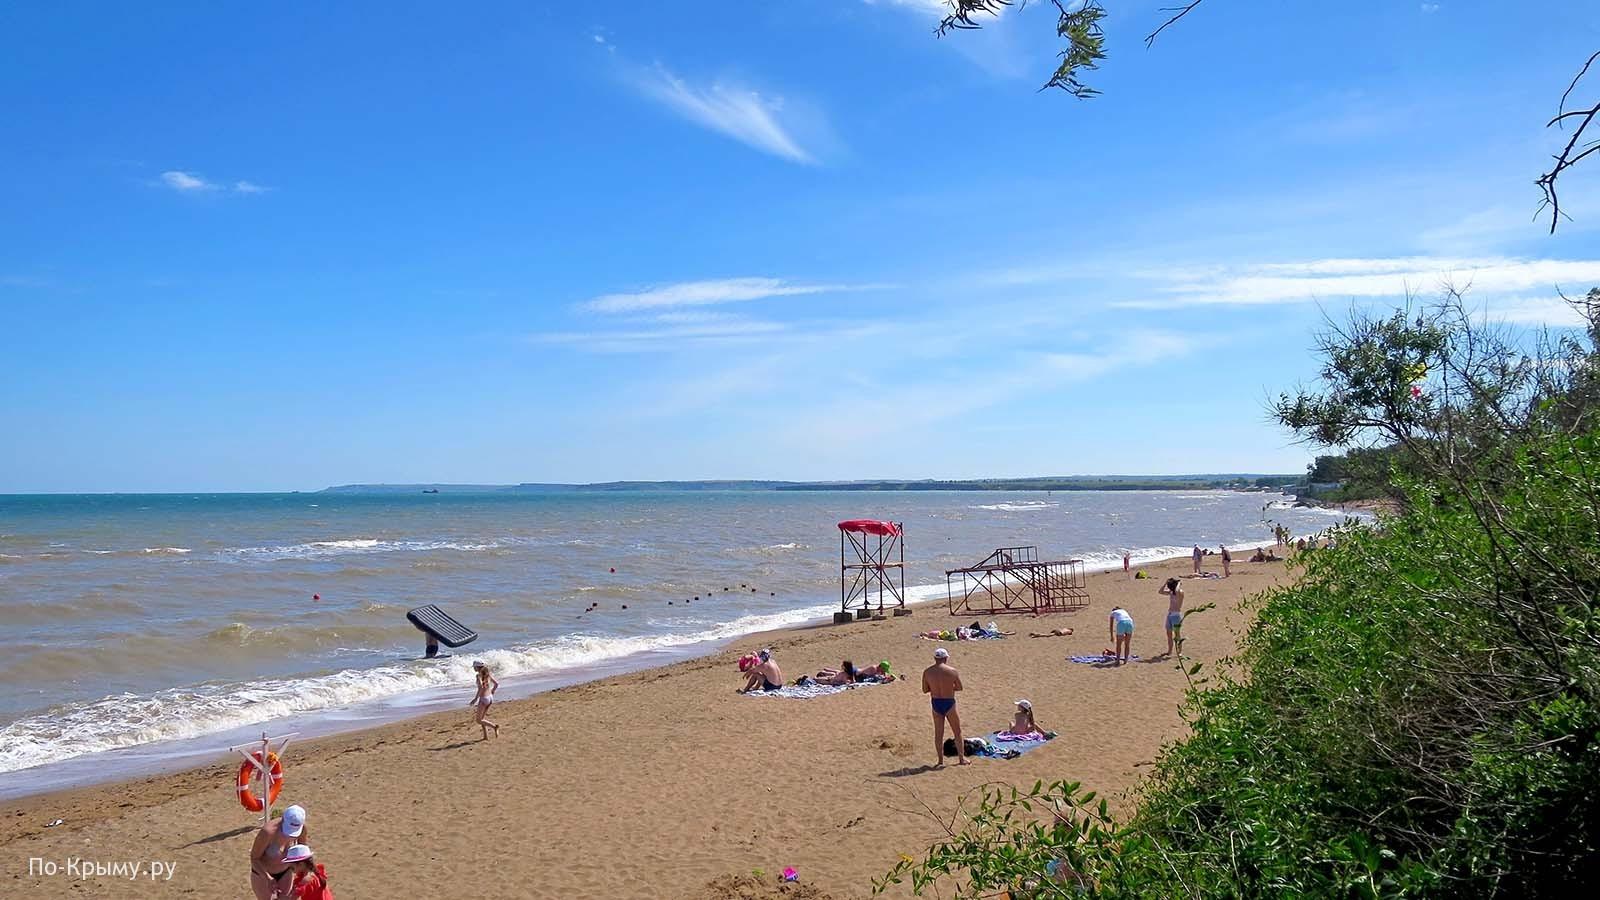 Керченский пролив. Песчаный пляж Героевского